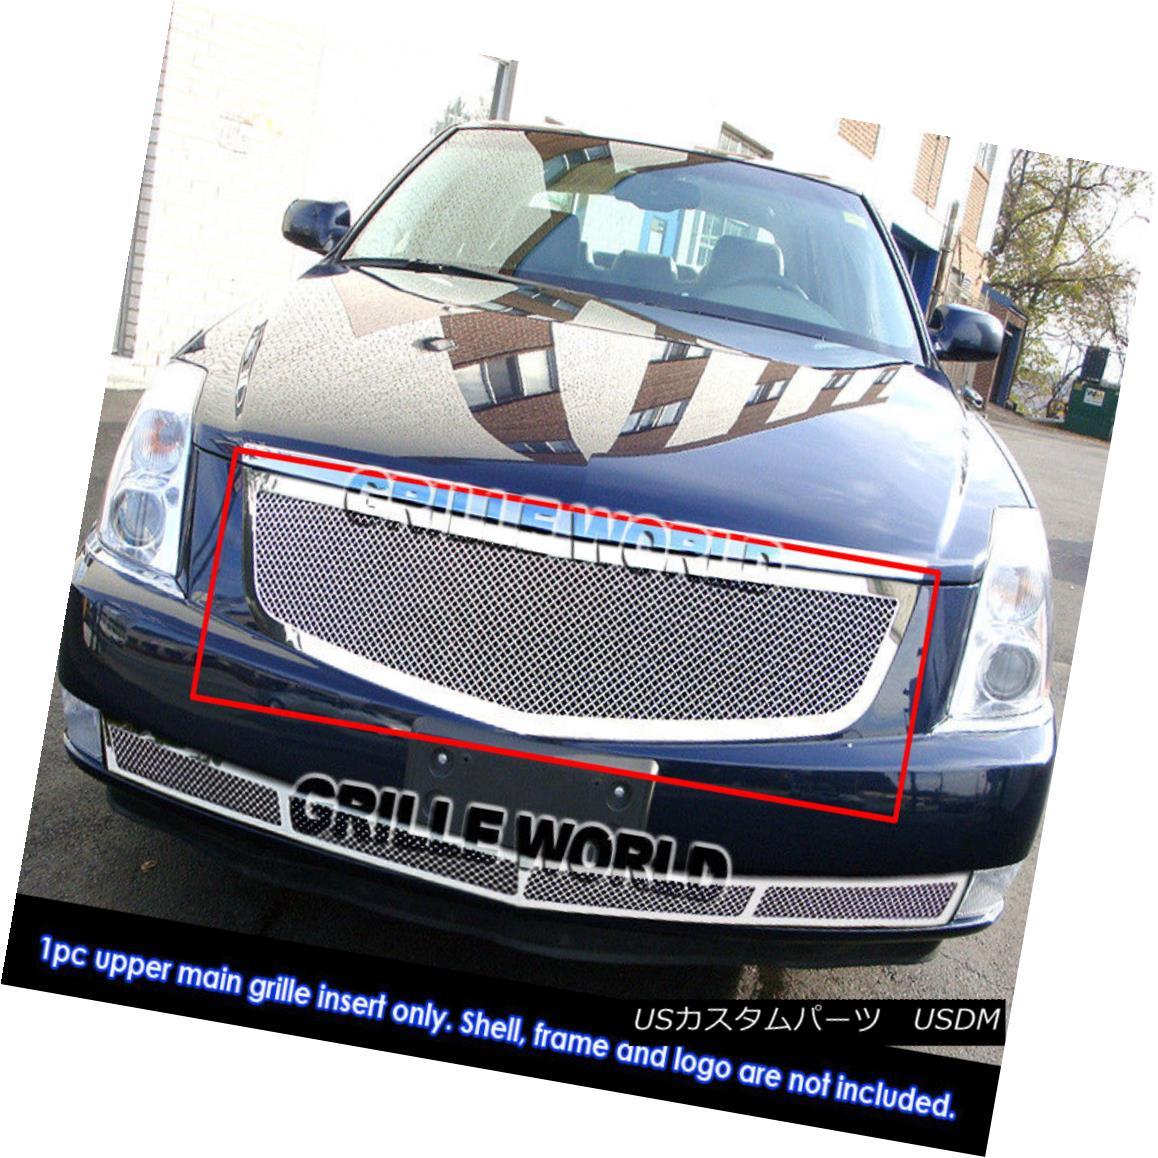 グリル For 06-10 Cadillac DTS Stainless Mesh Grille Insert 06-10キャデラックDTSステンレスメッシュグリルインサート用